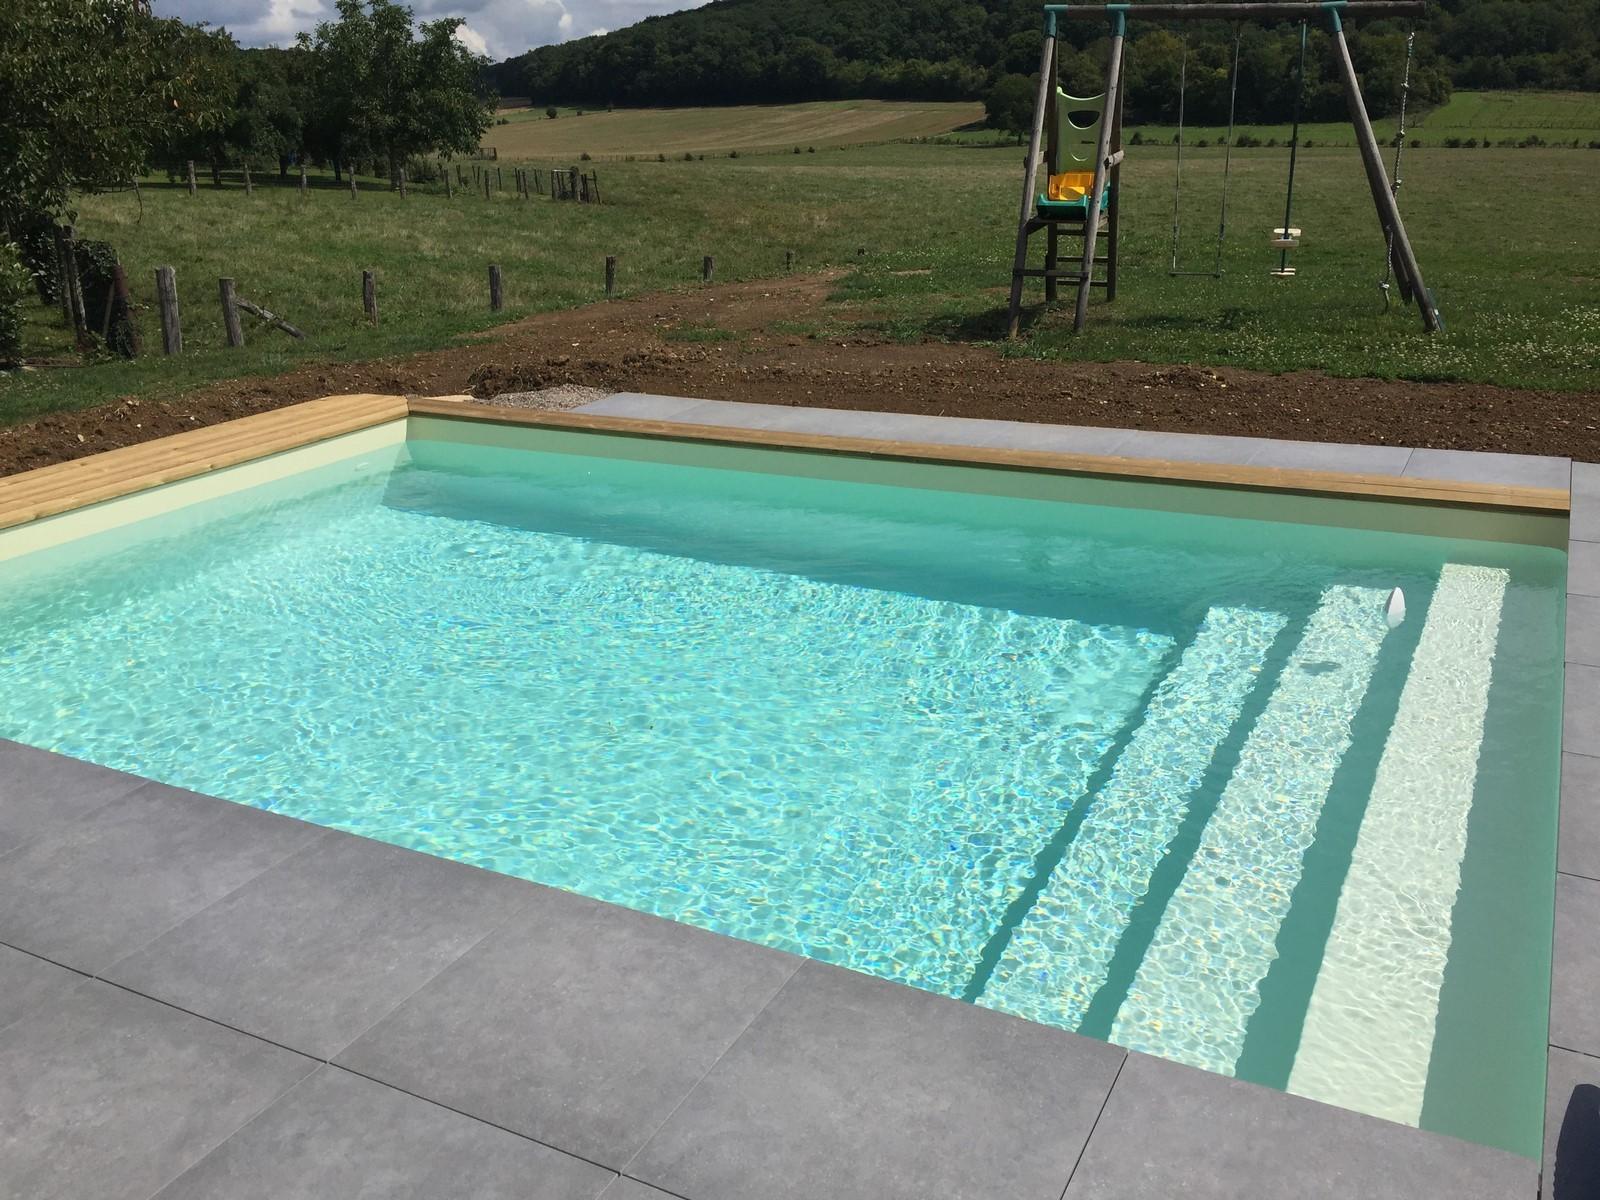 Piscine Hors Sol Avec Toboggan kit piscine bois hors sol rectangulaire luxe avec escalier droit  620x420x130 cm